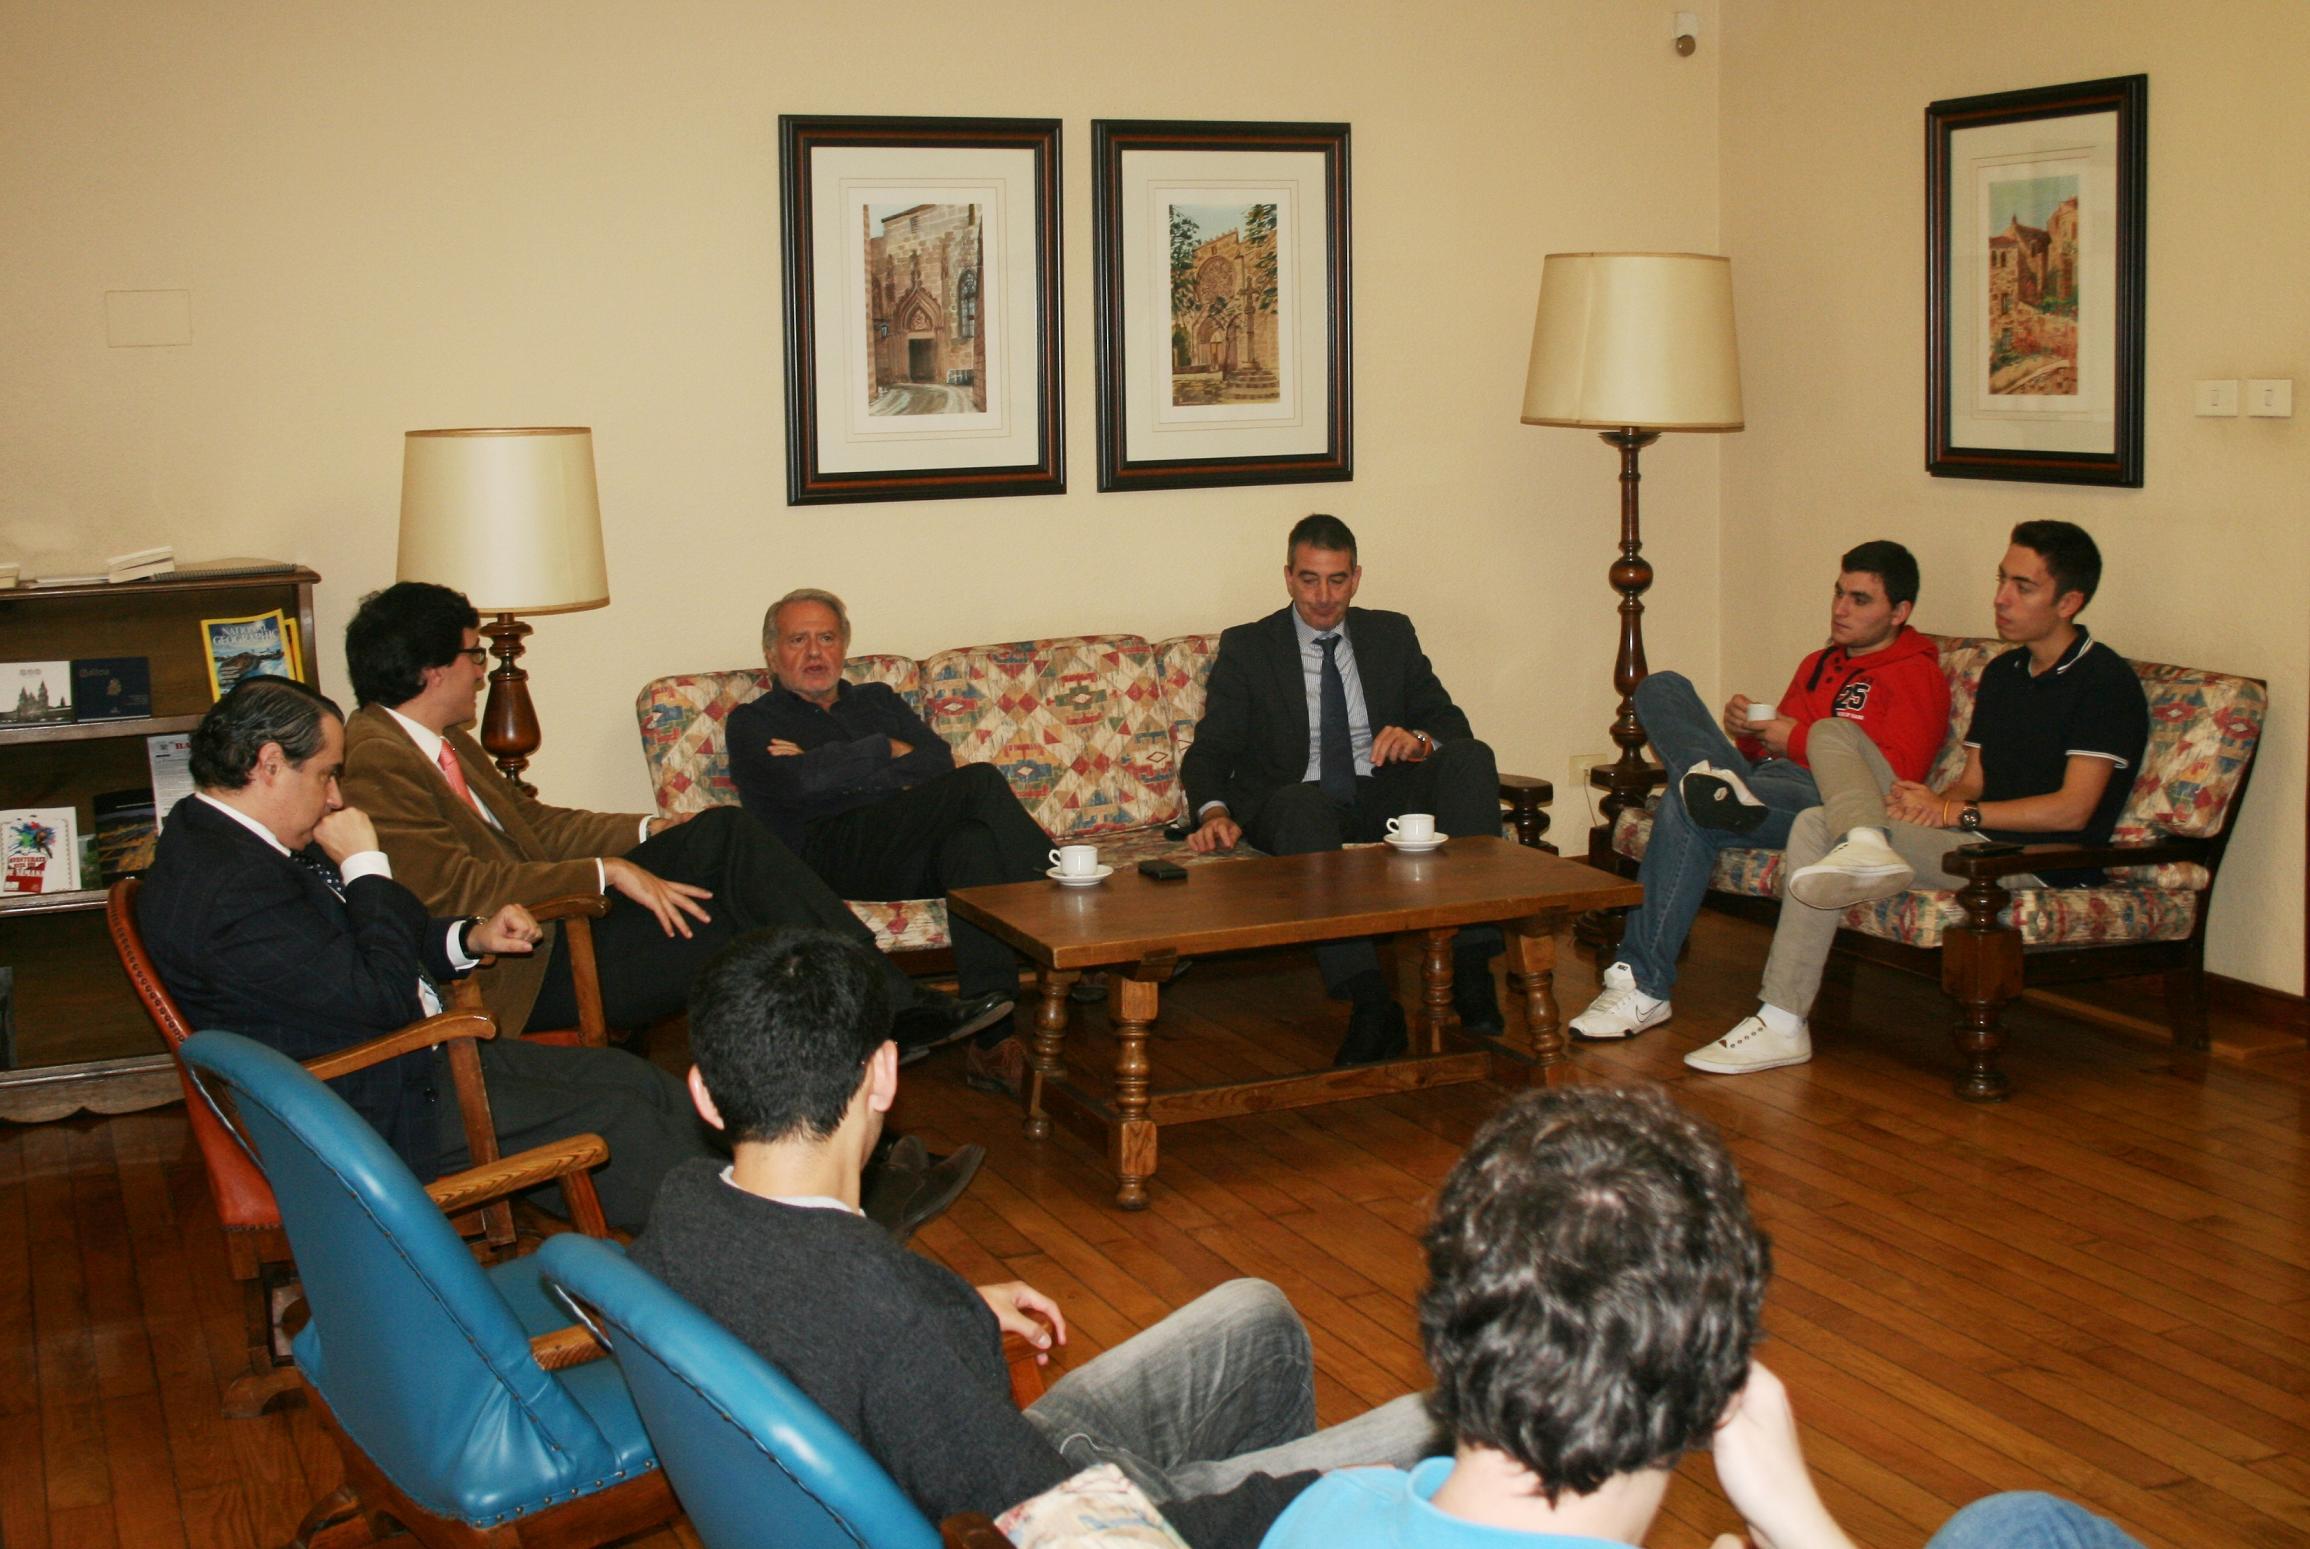 Tertulia con Luis Caramés, Catedrático de Economía Aplicada de la USC 2013